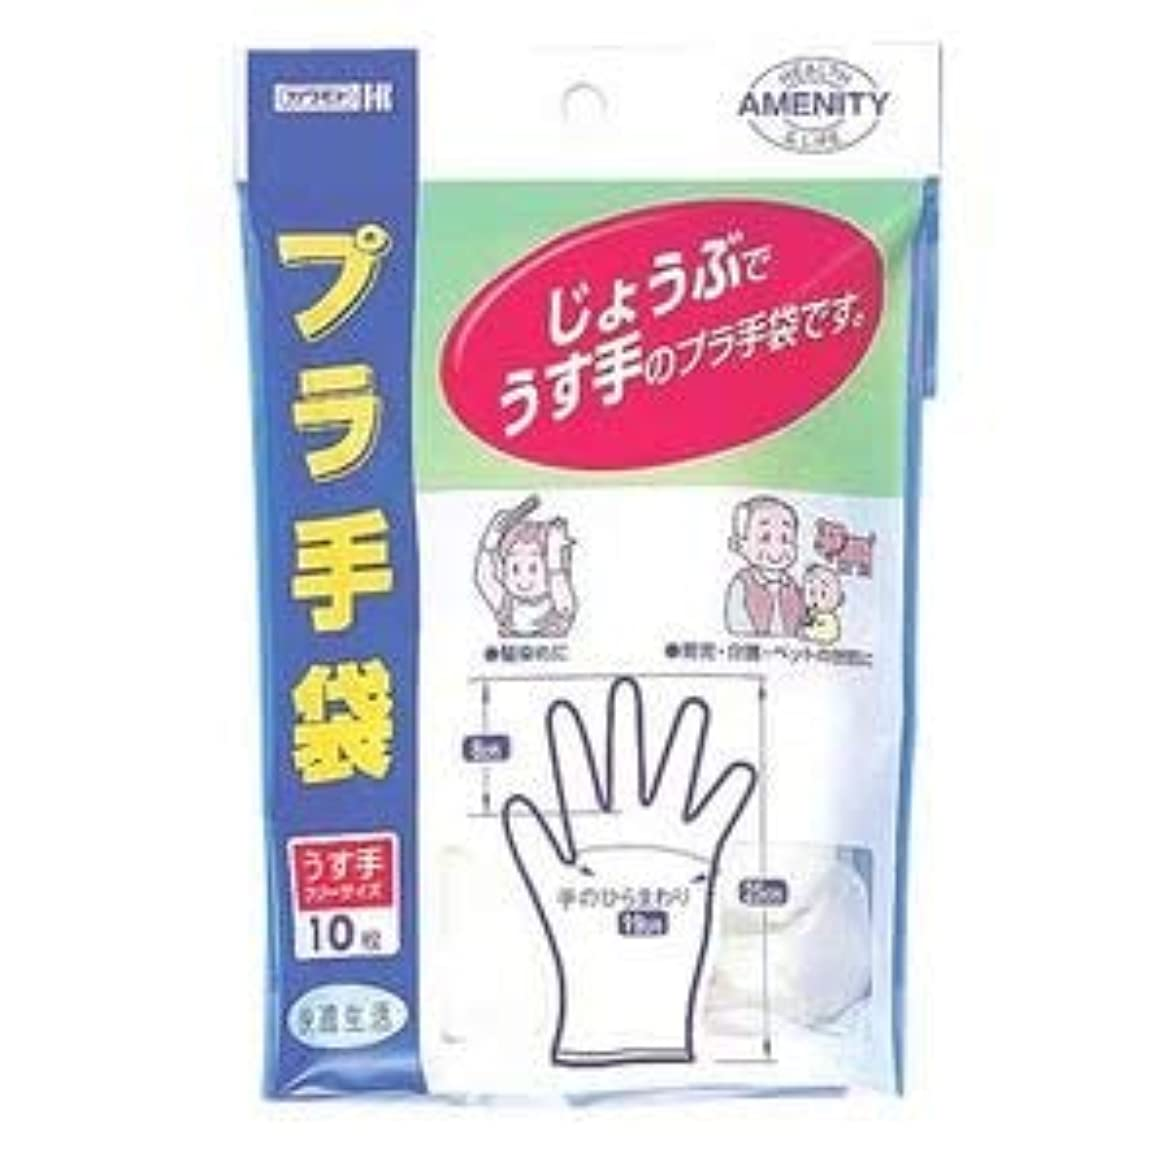 カワモト プラ手袋 10枚 ×6個